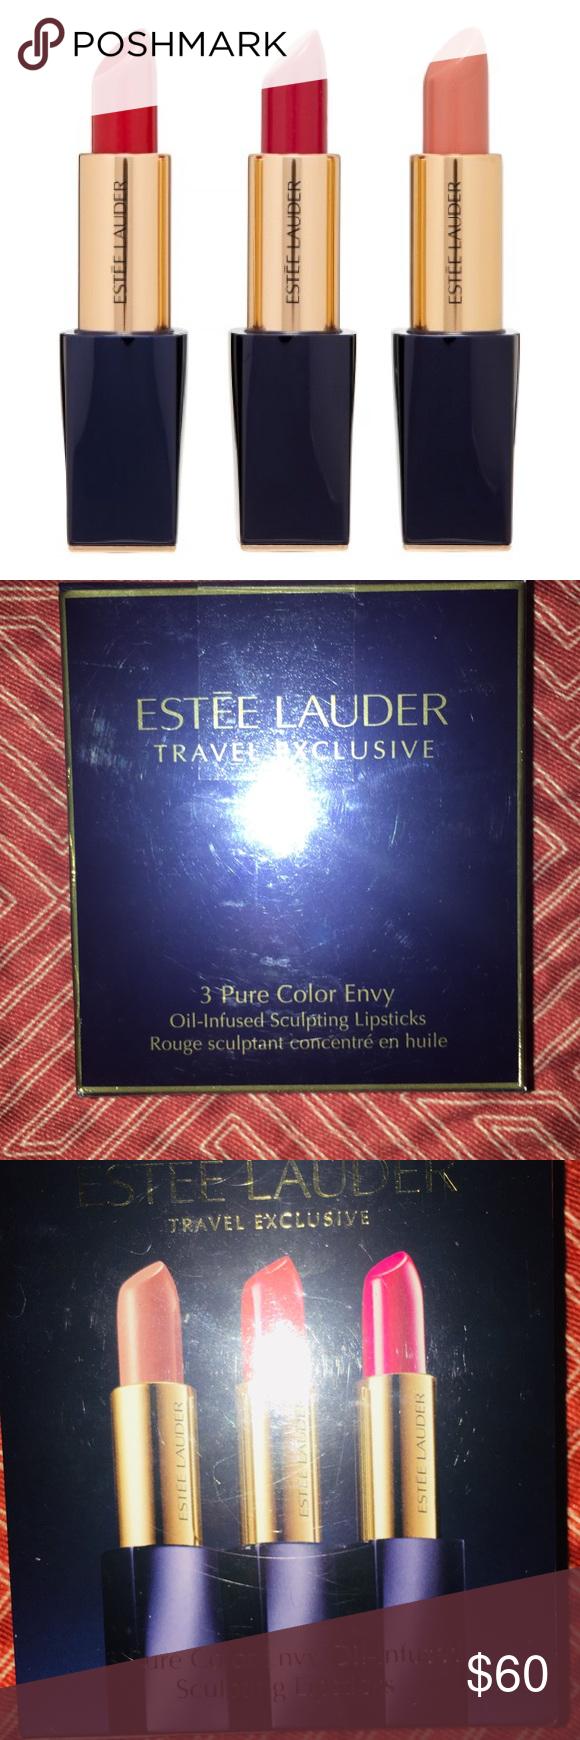 Estée Lauder travel exclusive lipstick trio set A sixhour